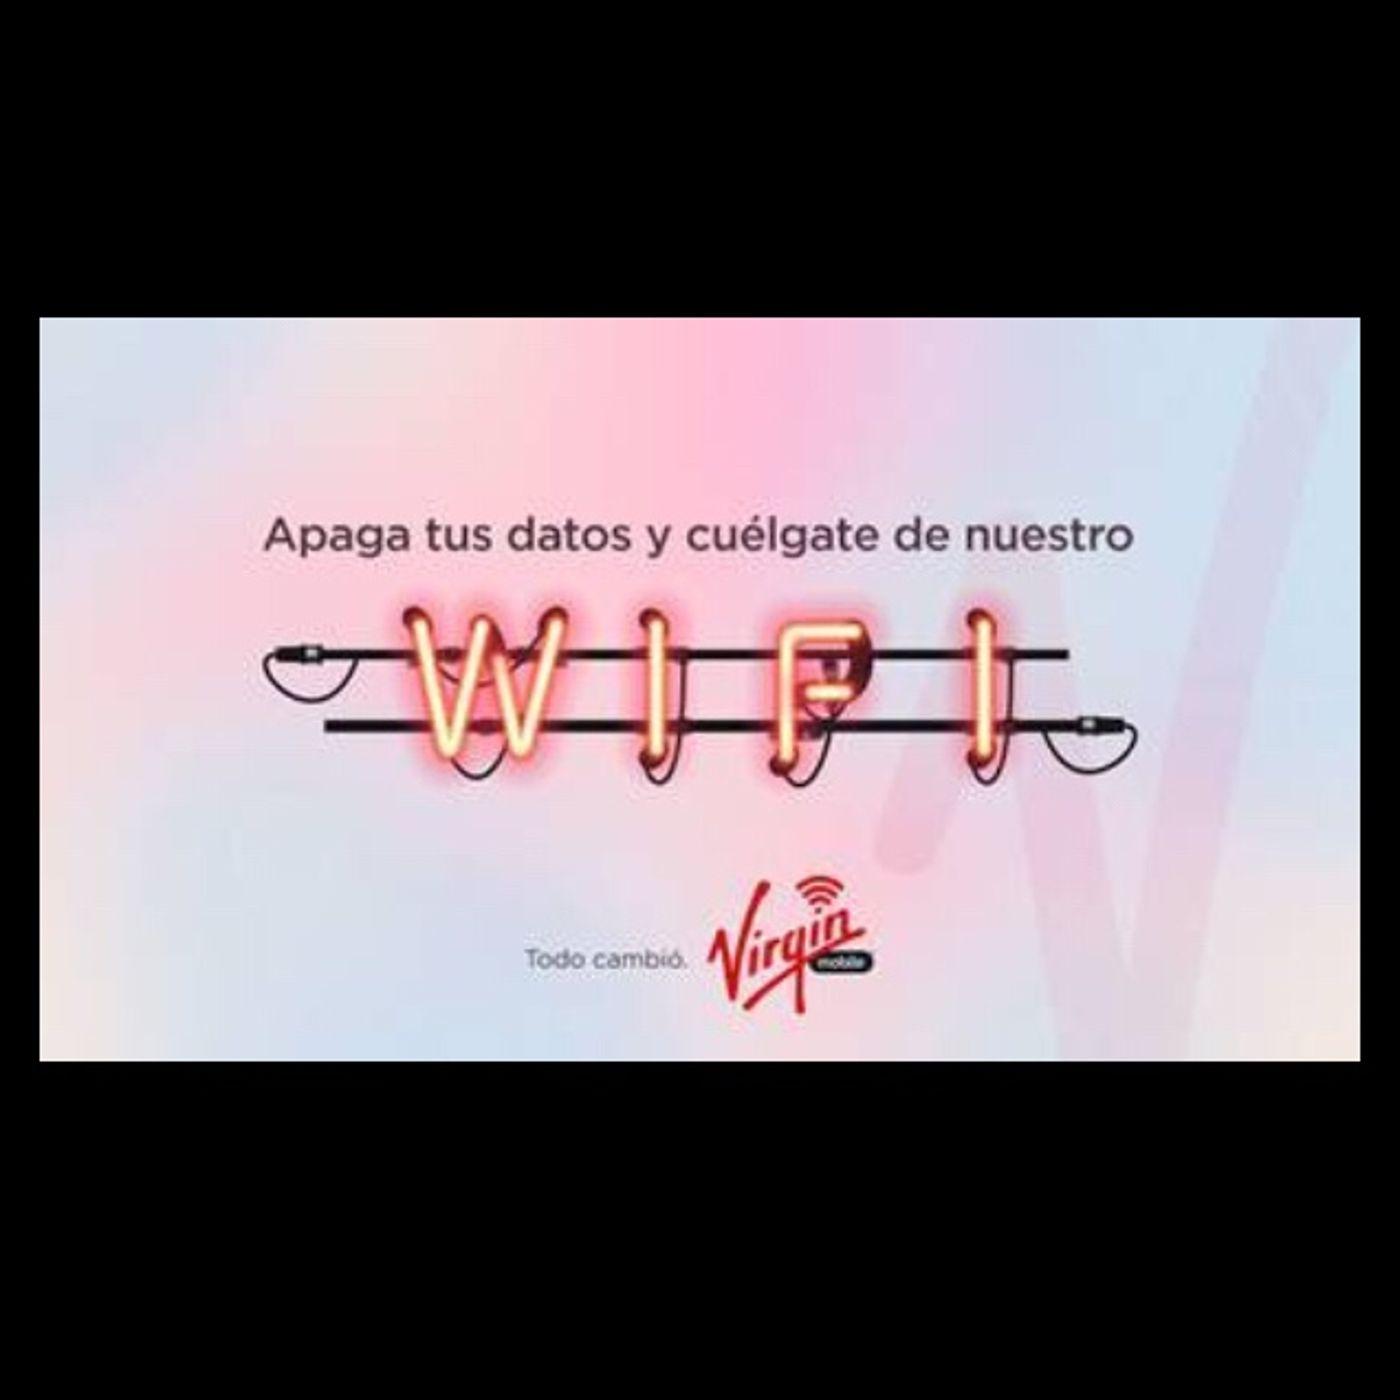 Wifi gratis (en México) y sí hay vida más allá de Jota Mario (en Colombia)